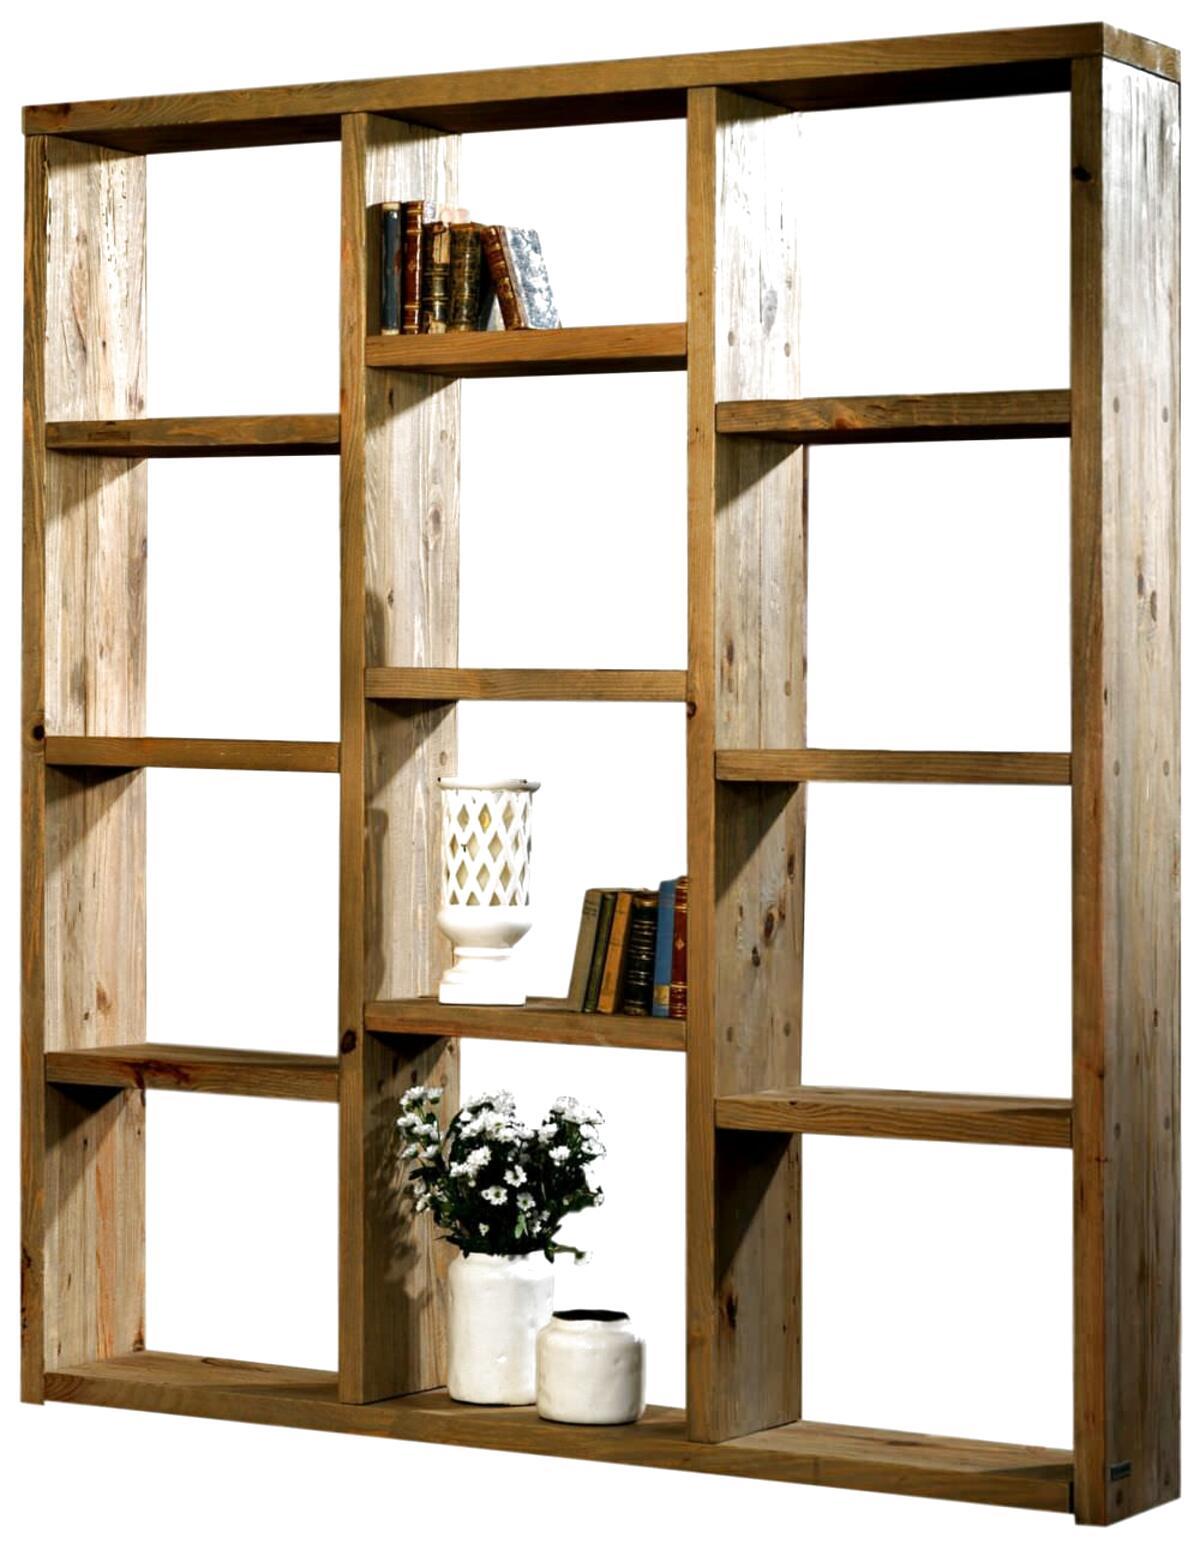 Vendita Librerie In Legno.Libreria Legno Usato In Italia Vedi Tutte I 82 Prezzi